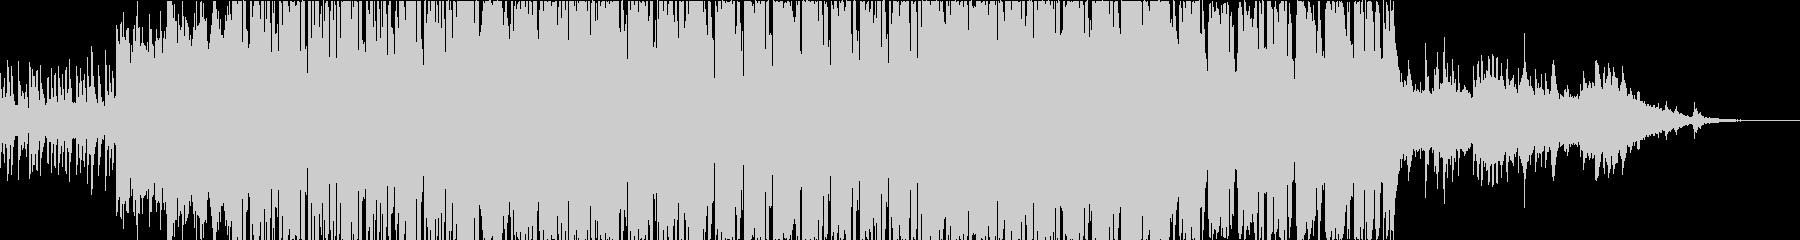 琴にシンセサウンドを入れたEDMの未再生の波形